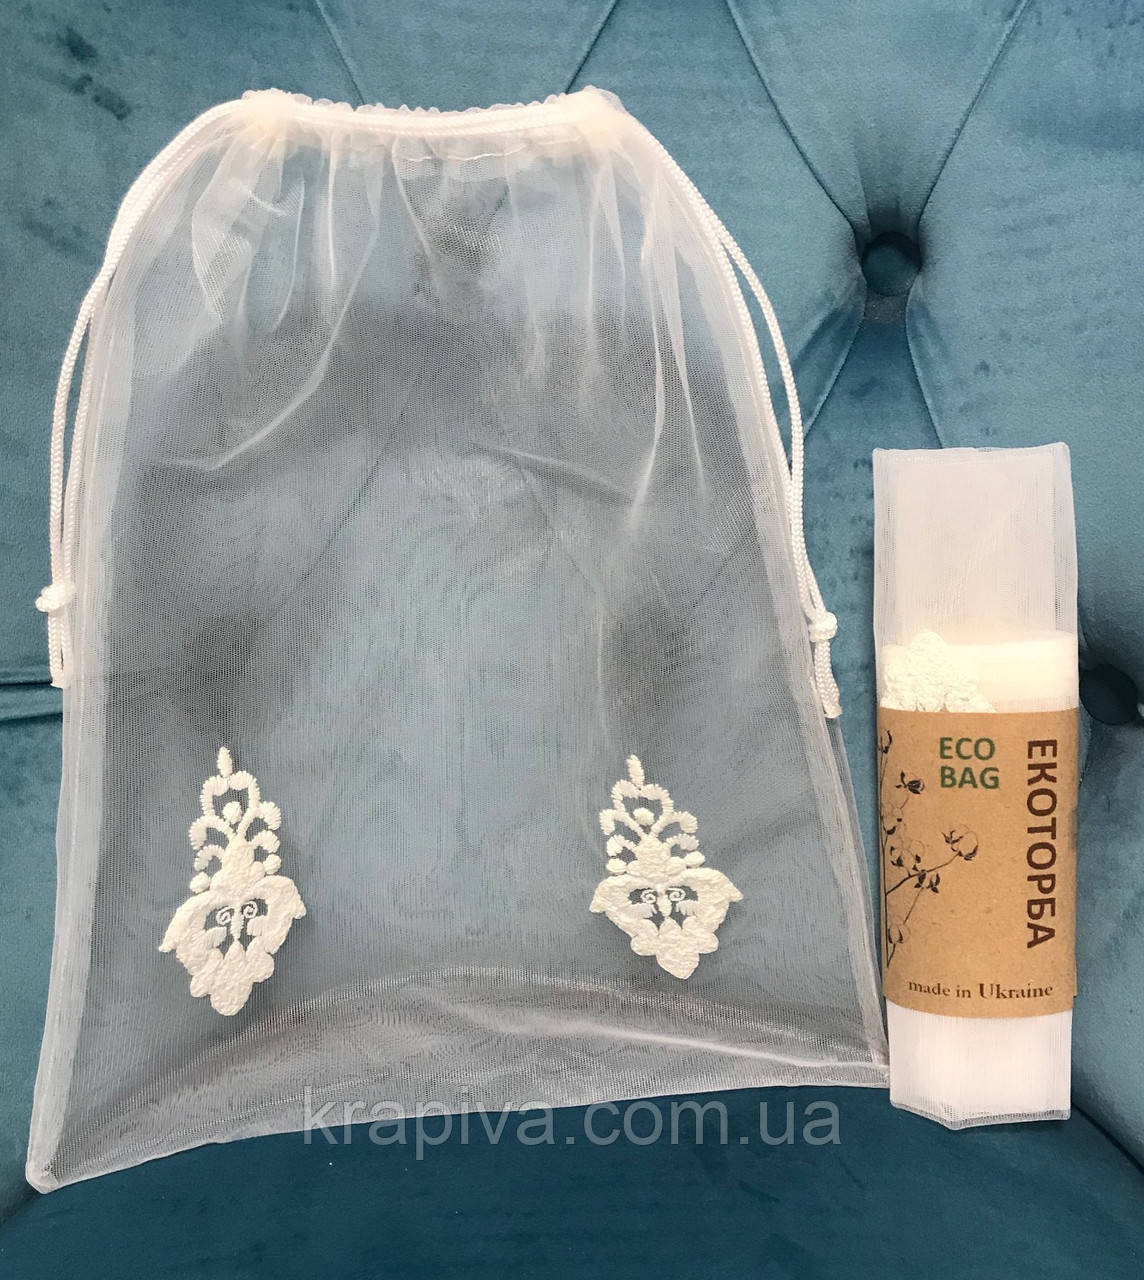 Упаковка подарочная мешок, подарочная упаковка мешочек, пакет подарочный, подарунковий мішок, упаковка